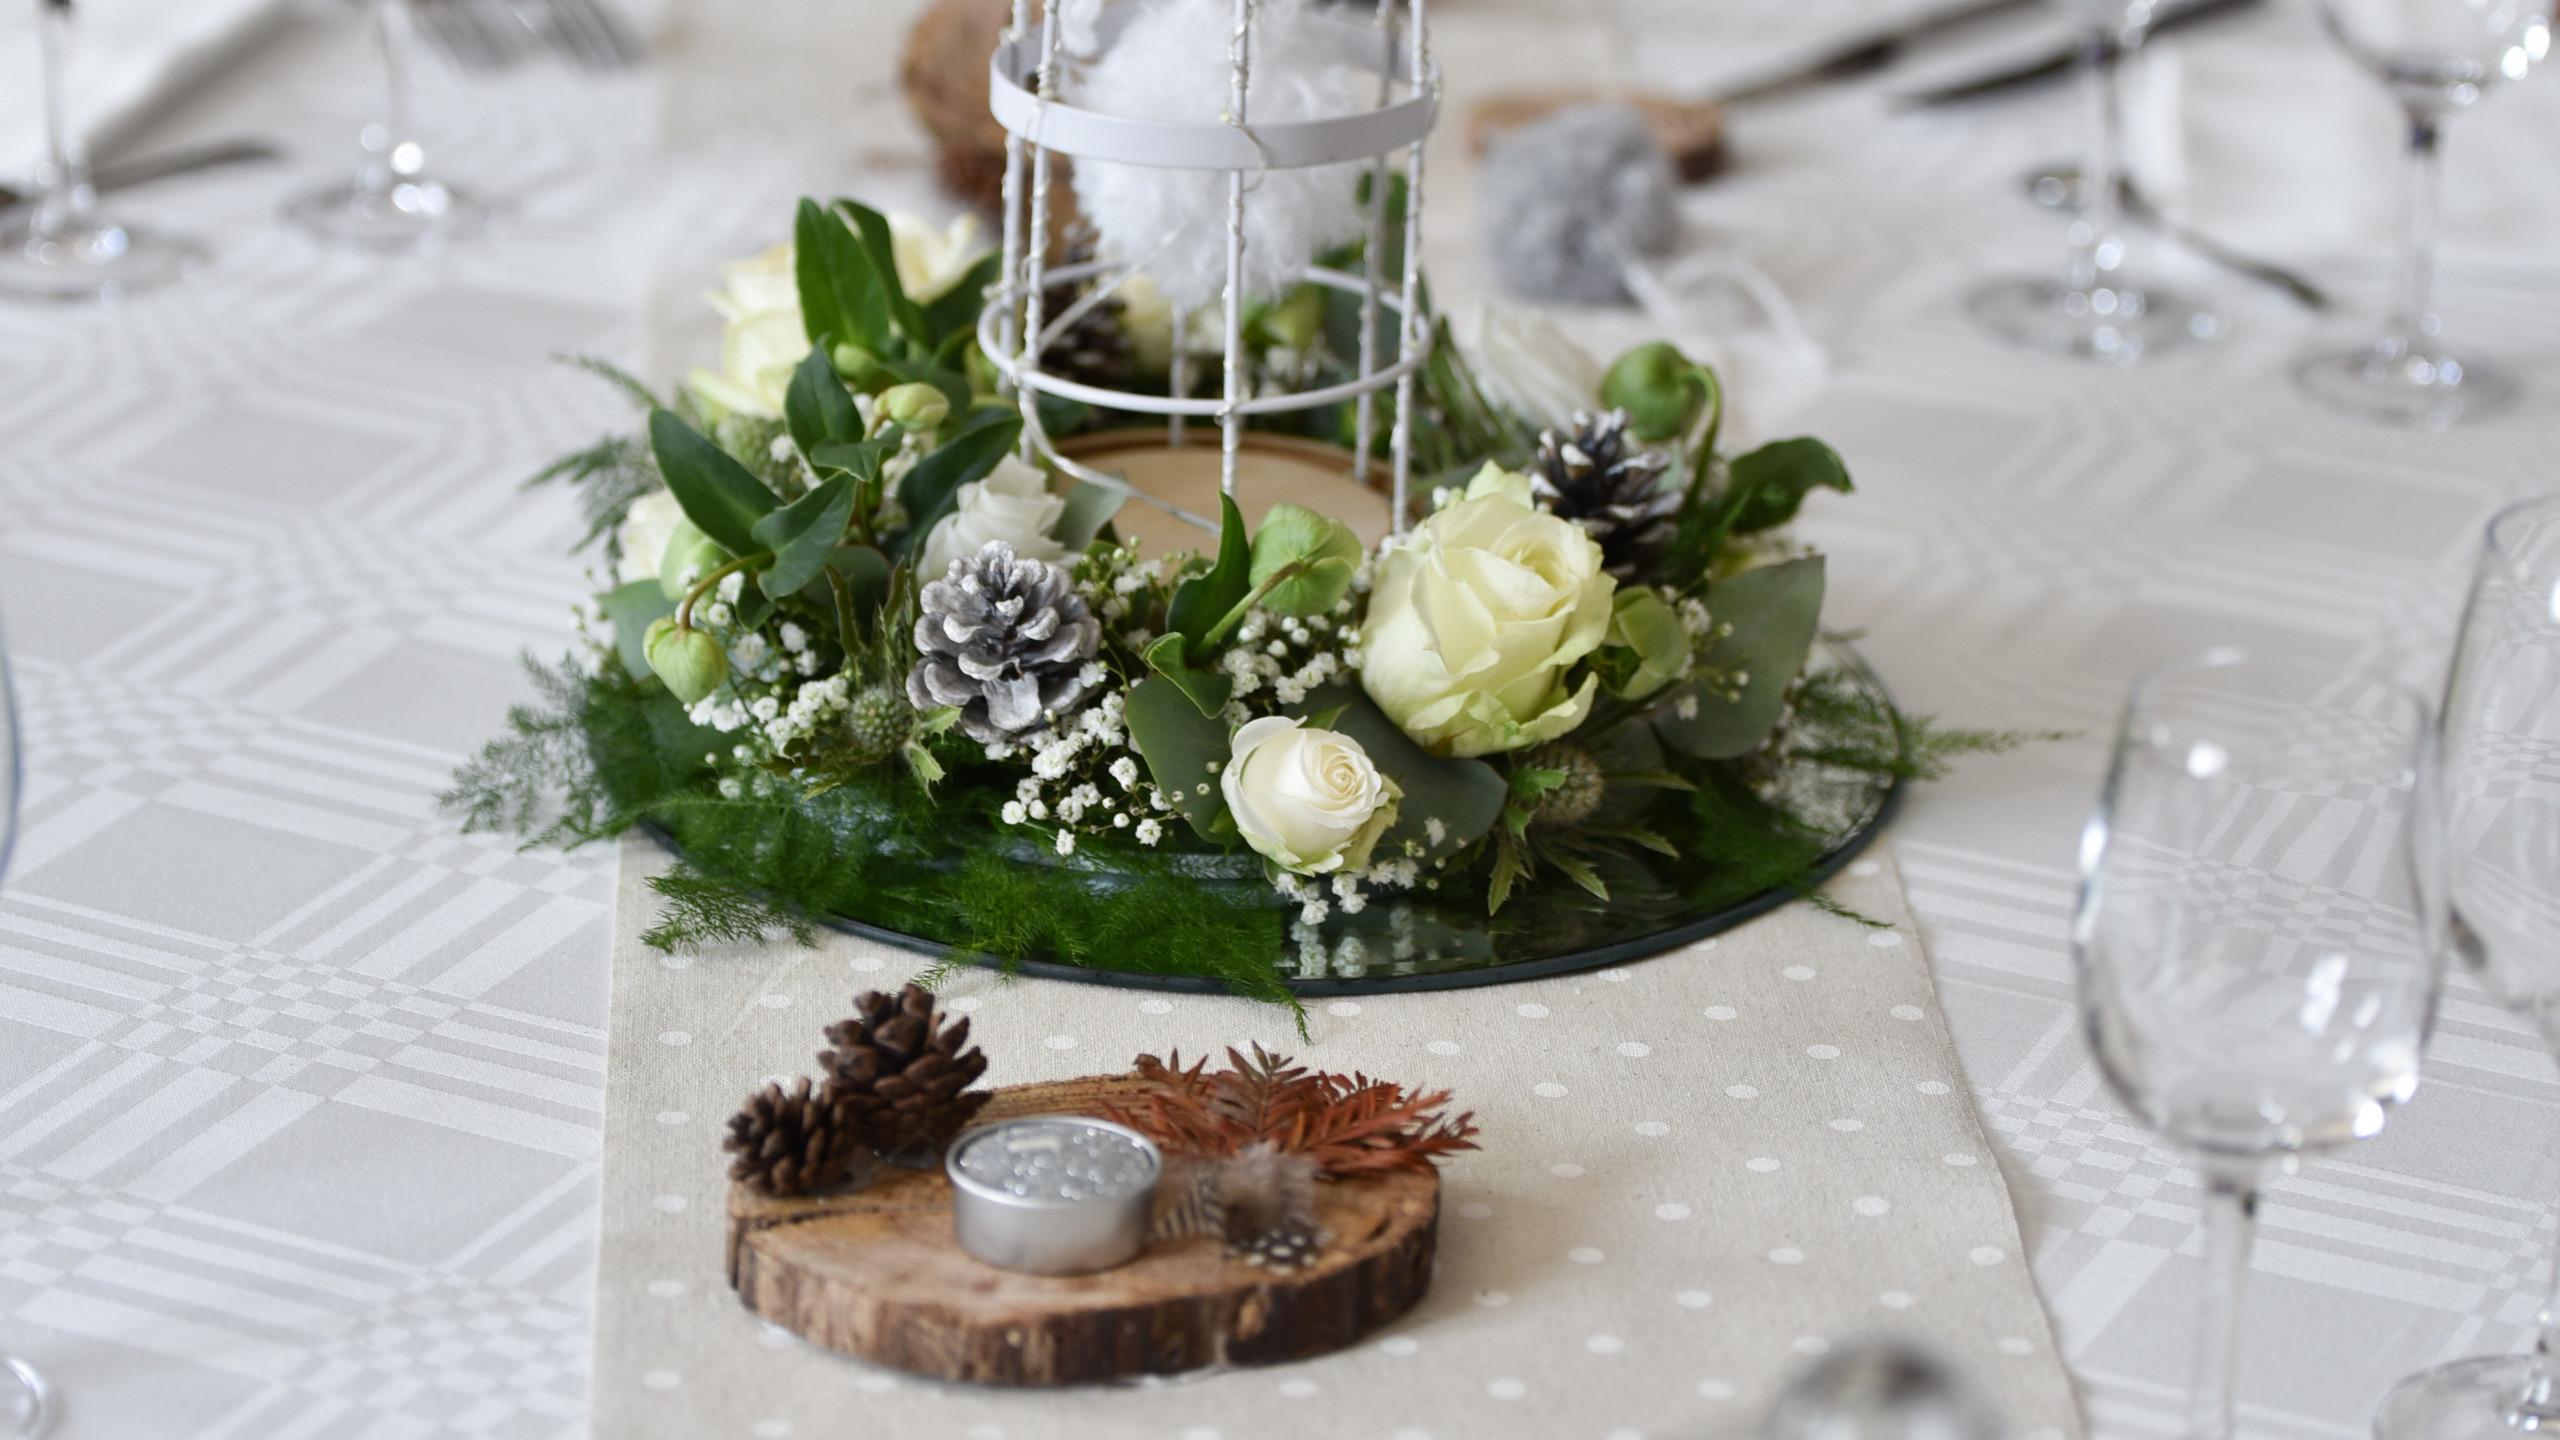 Ma décoration de table avec l'ajout de couronne de fleurs